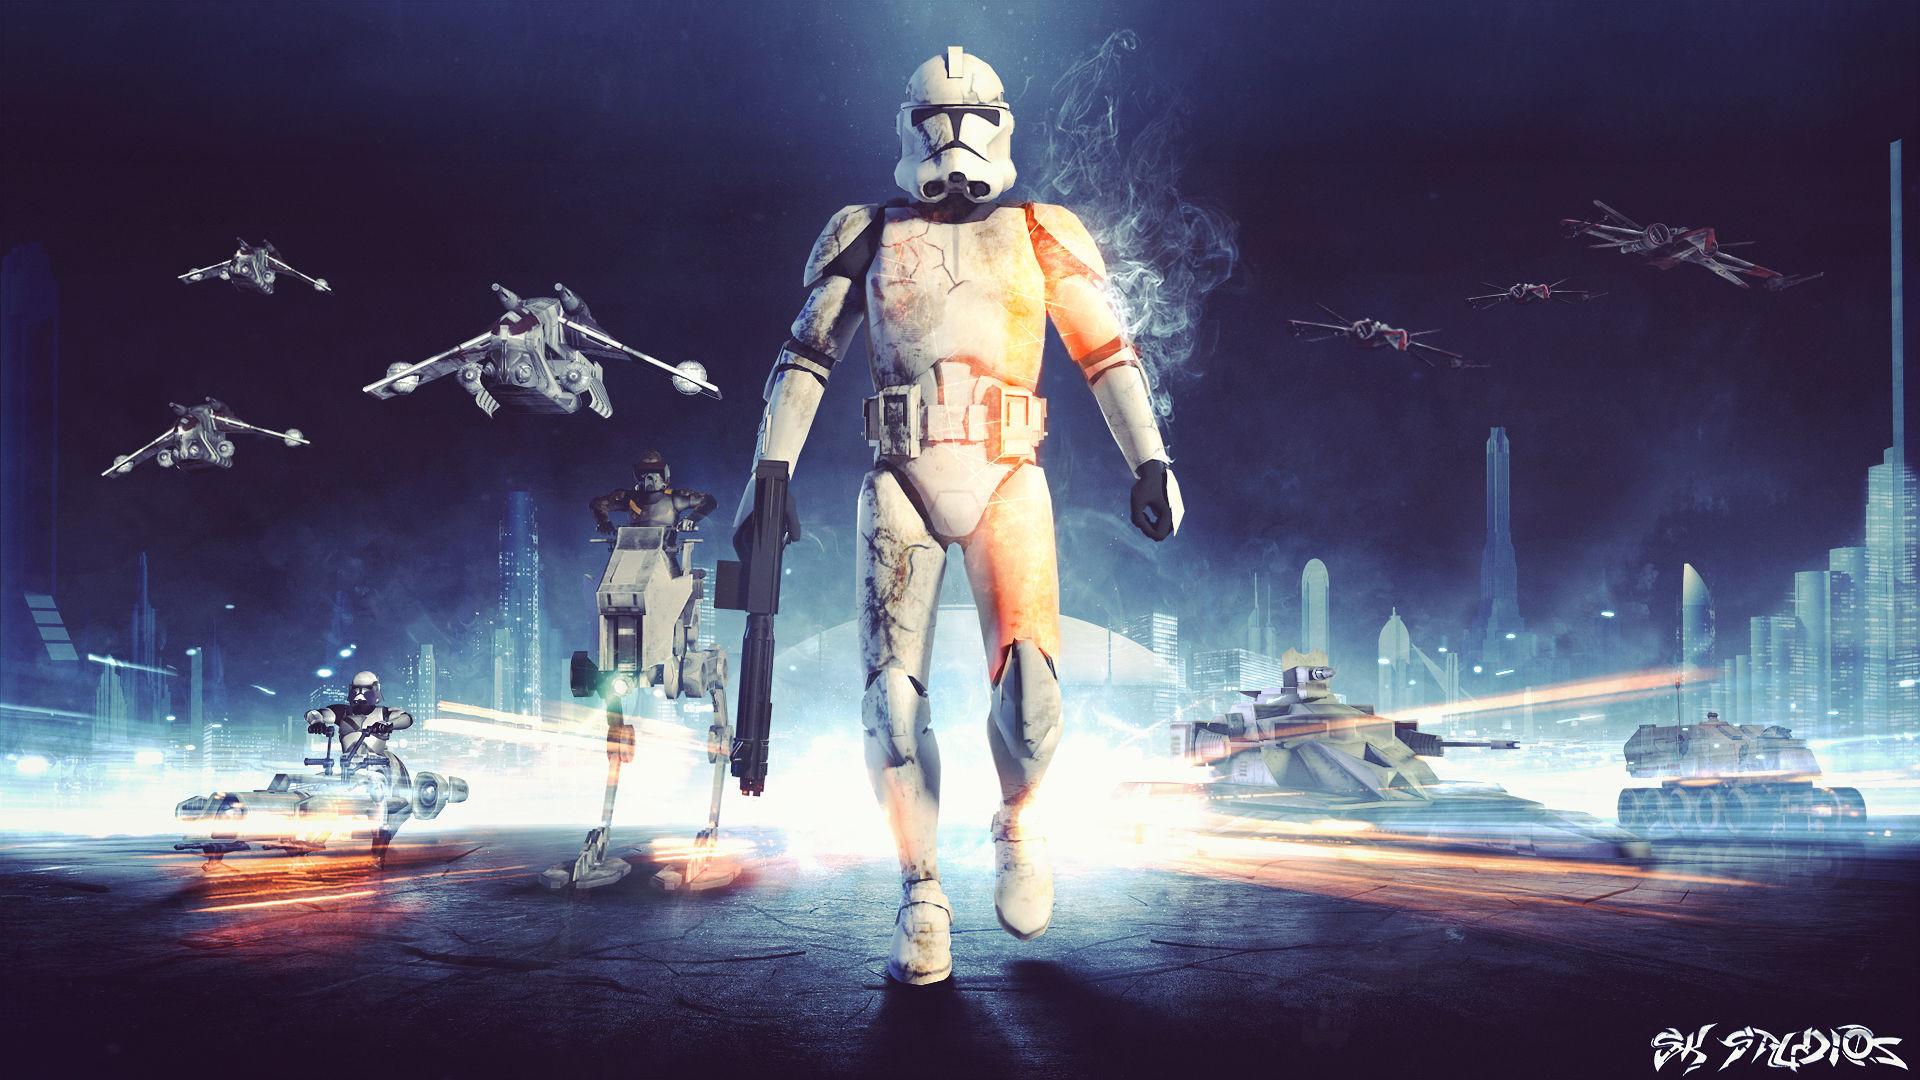 Star Wars Battlefront 2 Background: Star Wars Desktop Wallpaper (69+ Images